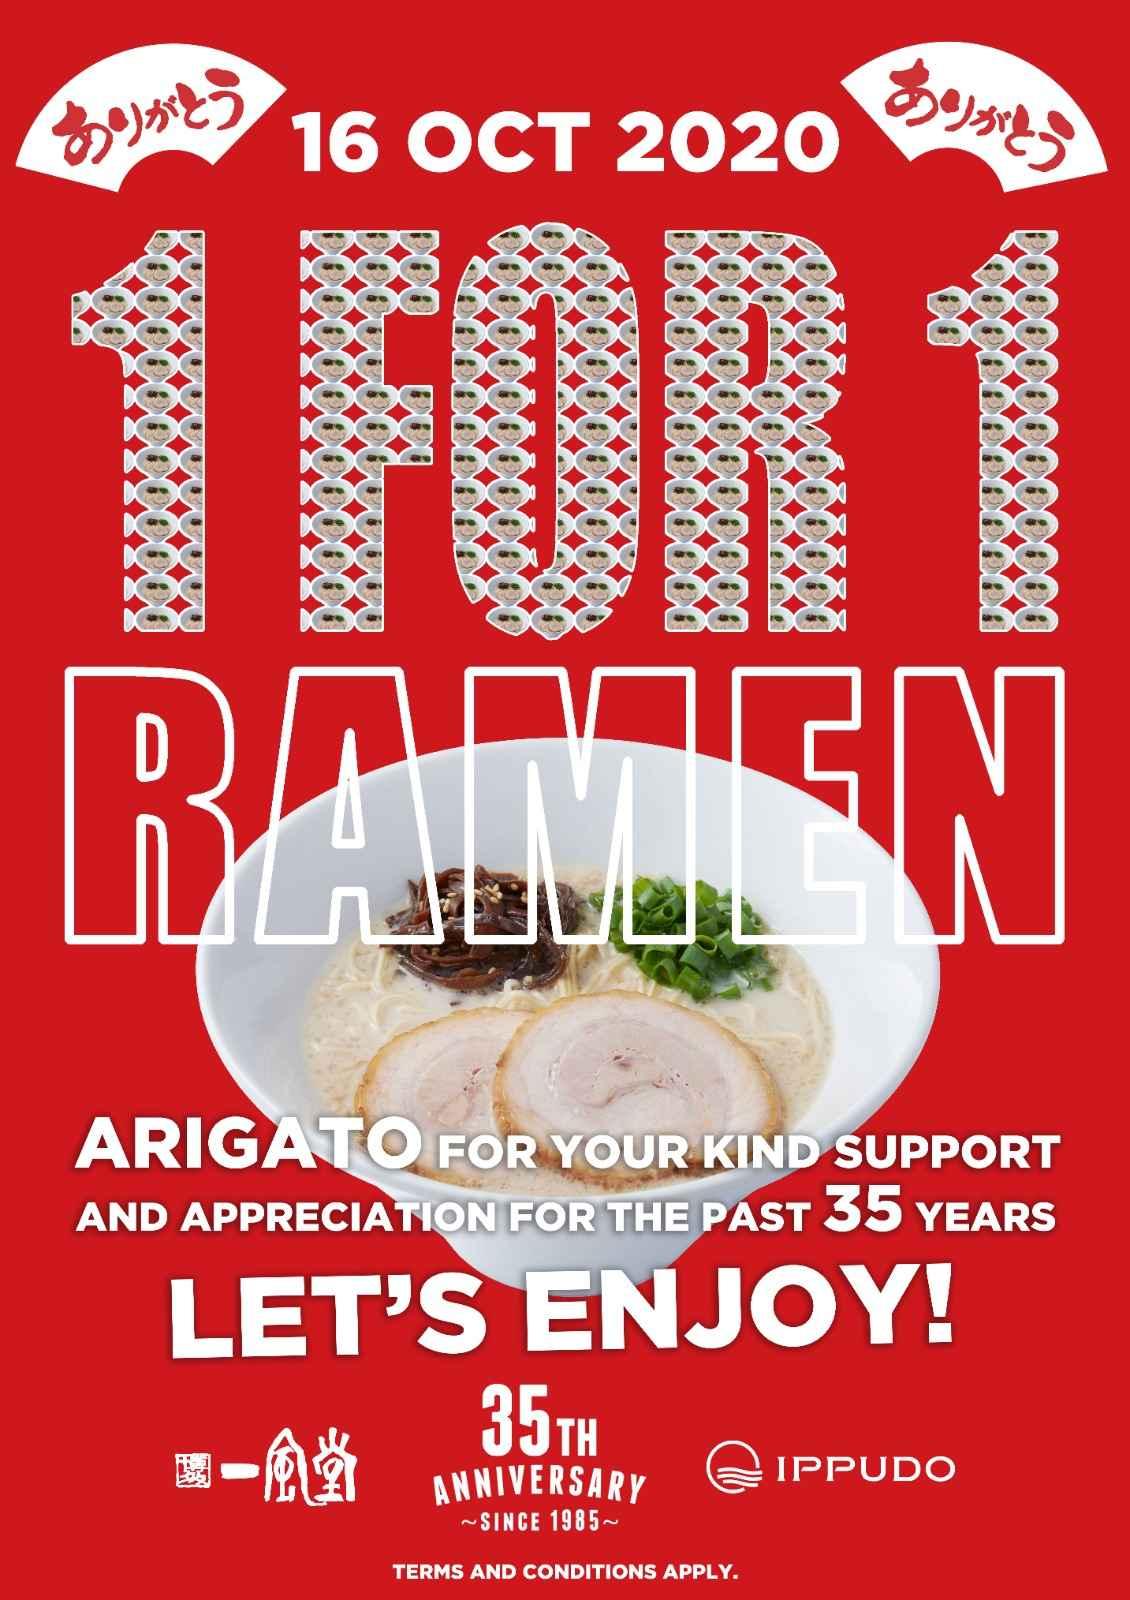 35th Anniversary 1-for-1 Ramen